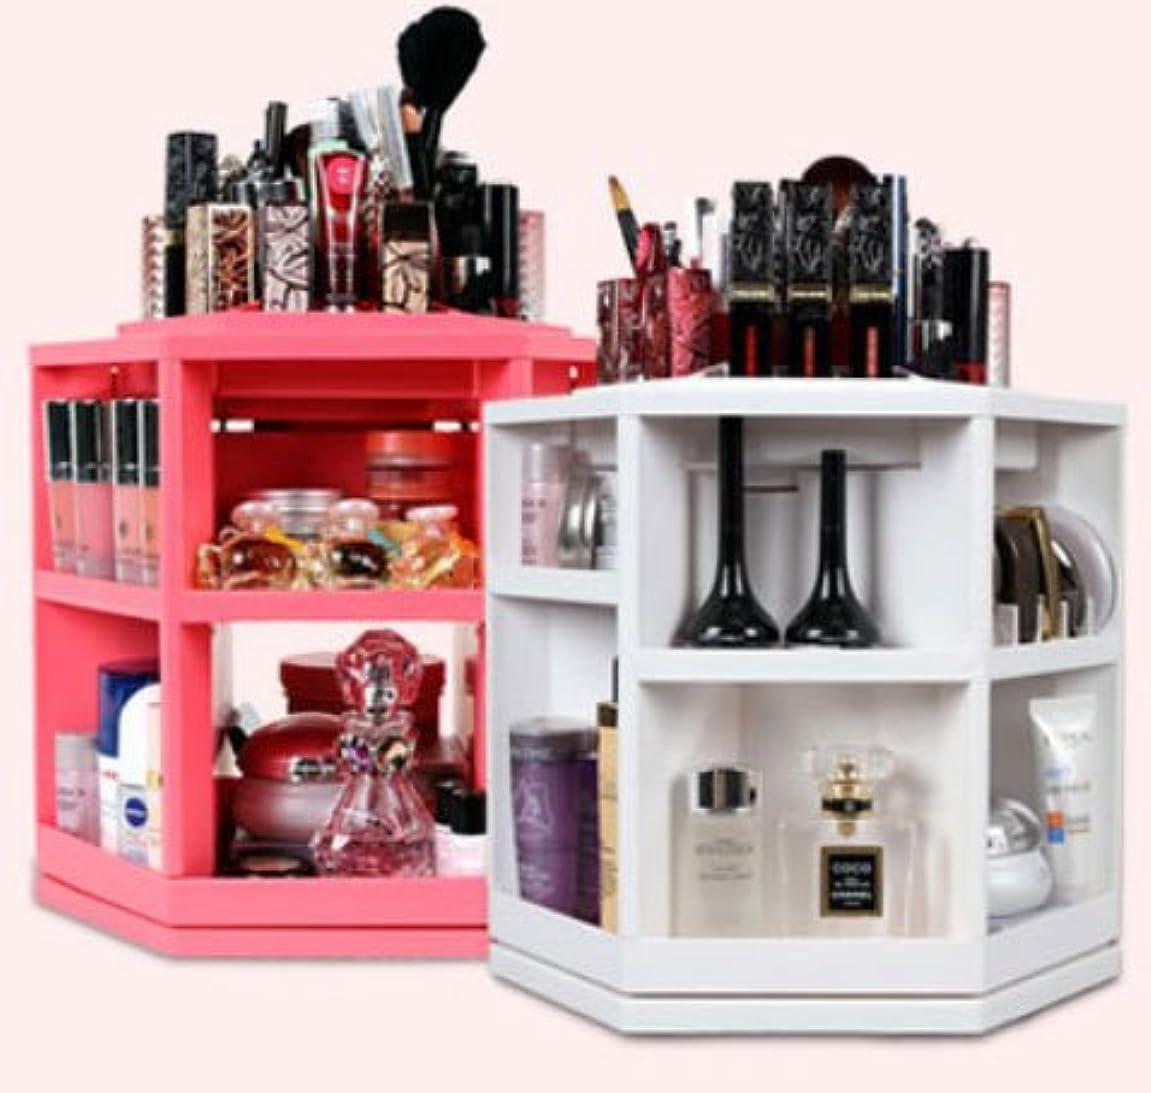 バリー収入異邦人コスメ ボックス,化粧品 収納、楽、簡単、回転する化粧品収納整理台、ピンク色